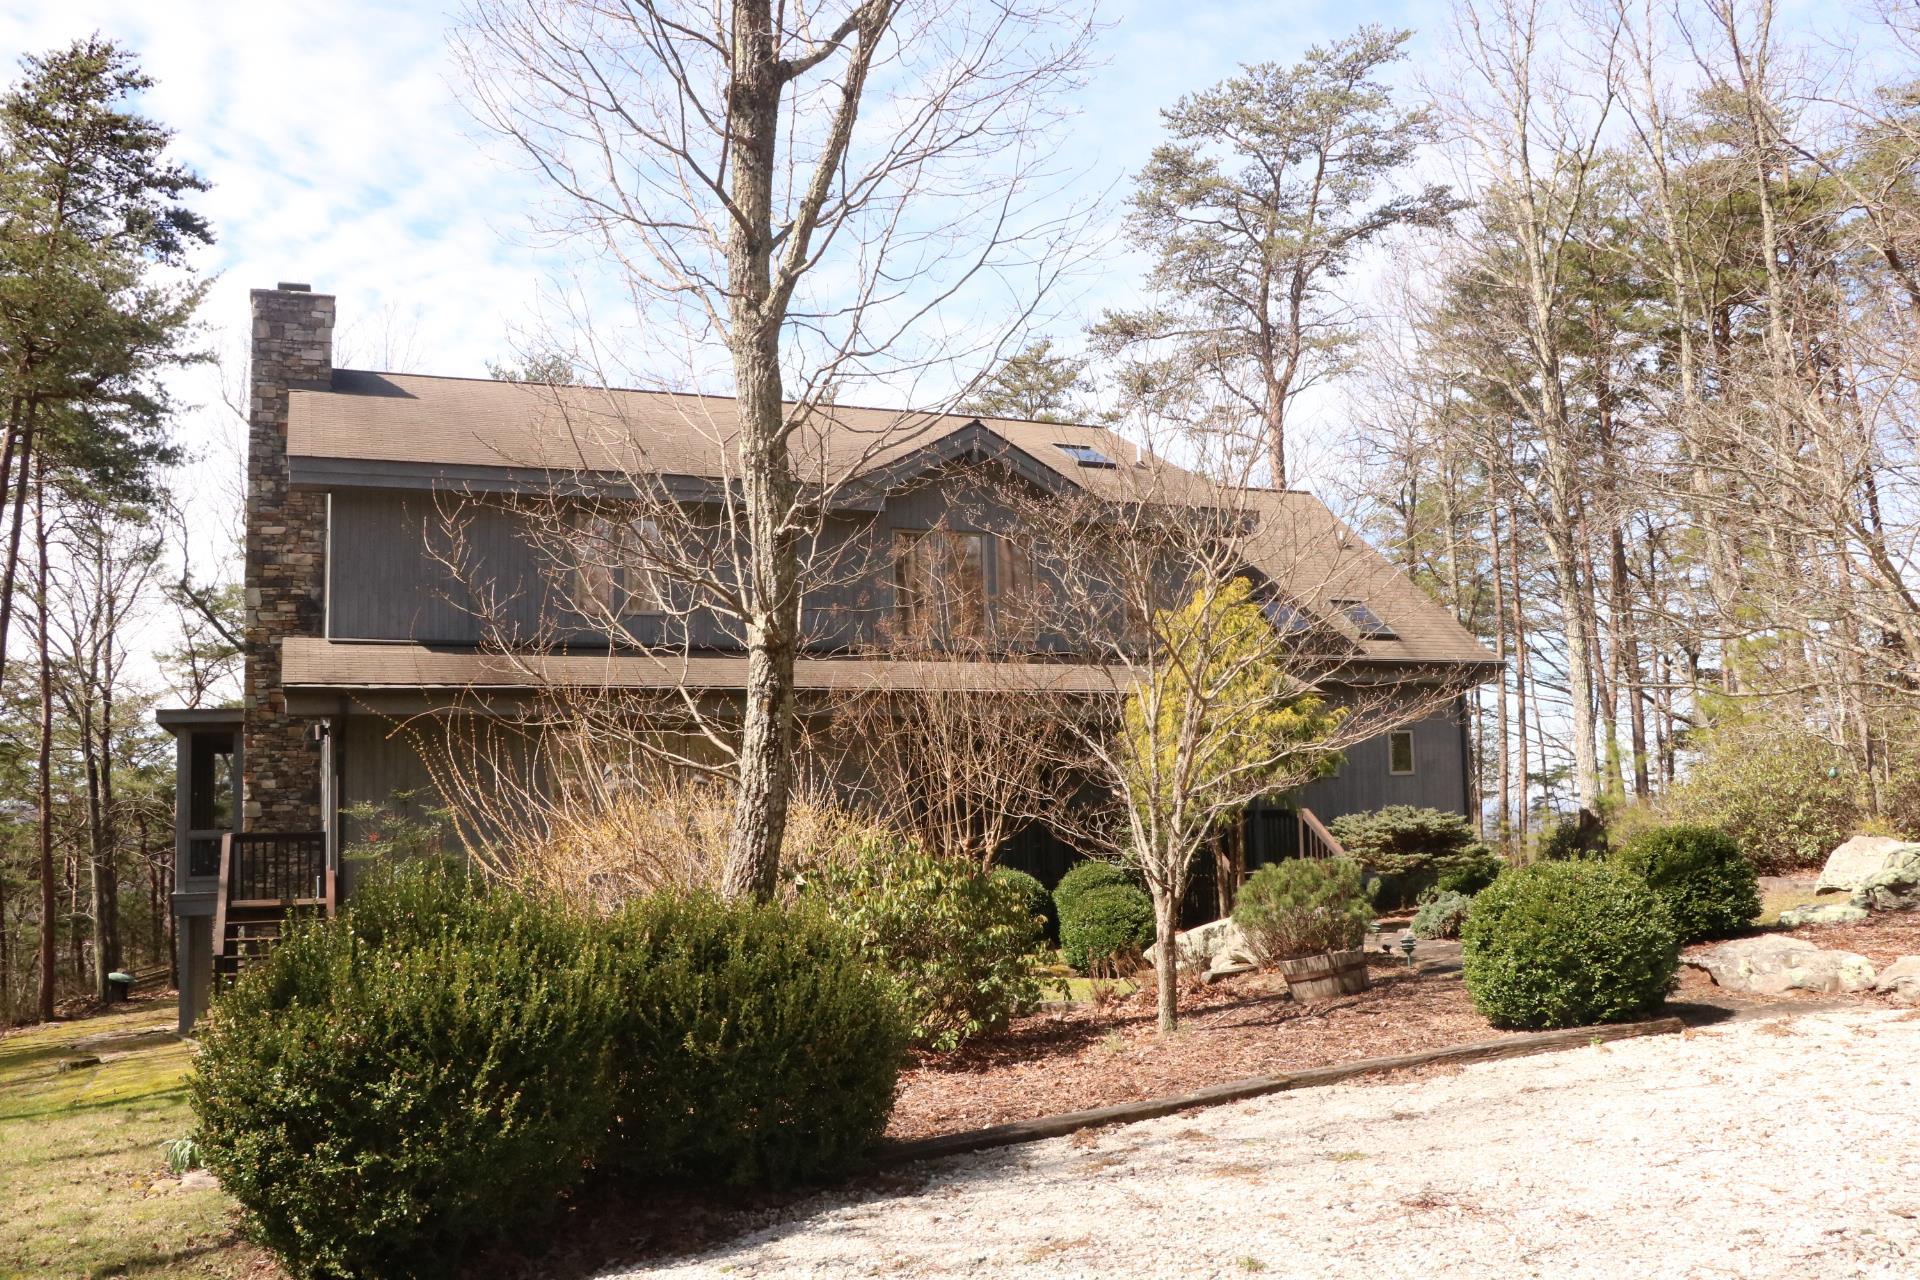 208 Vanderbilt Ln, Sewanee, TN 37375 - Sewanee, TN real estate listing